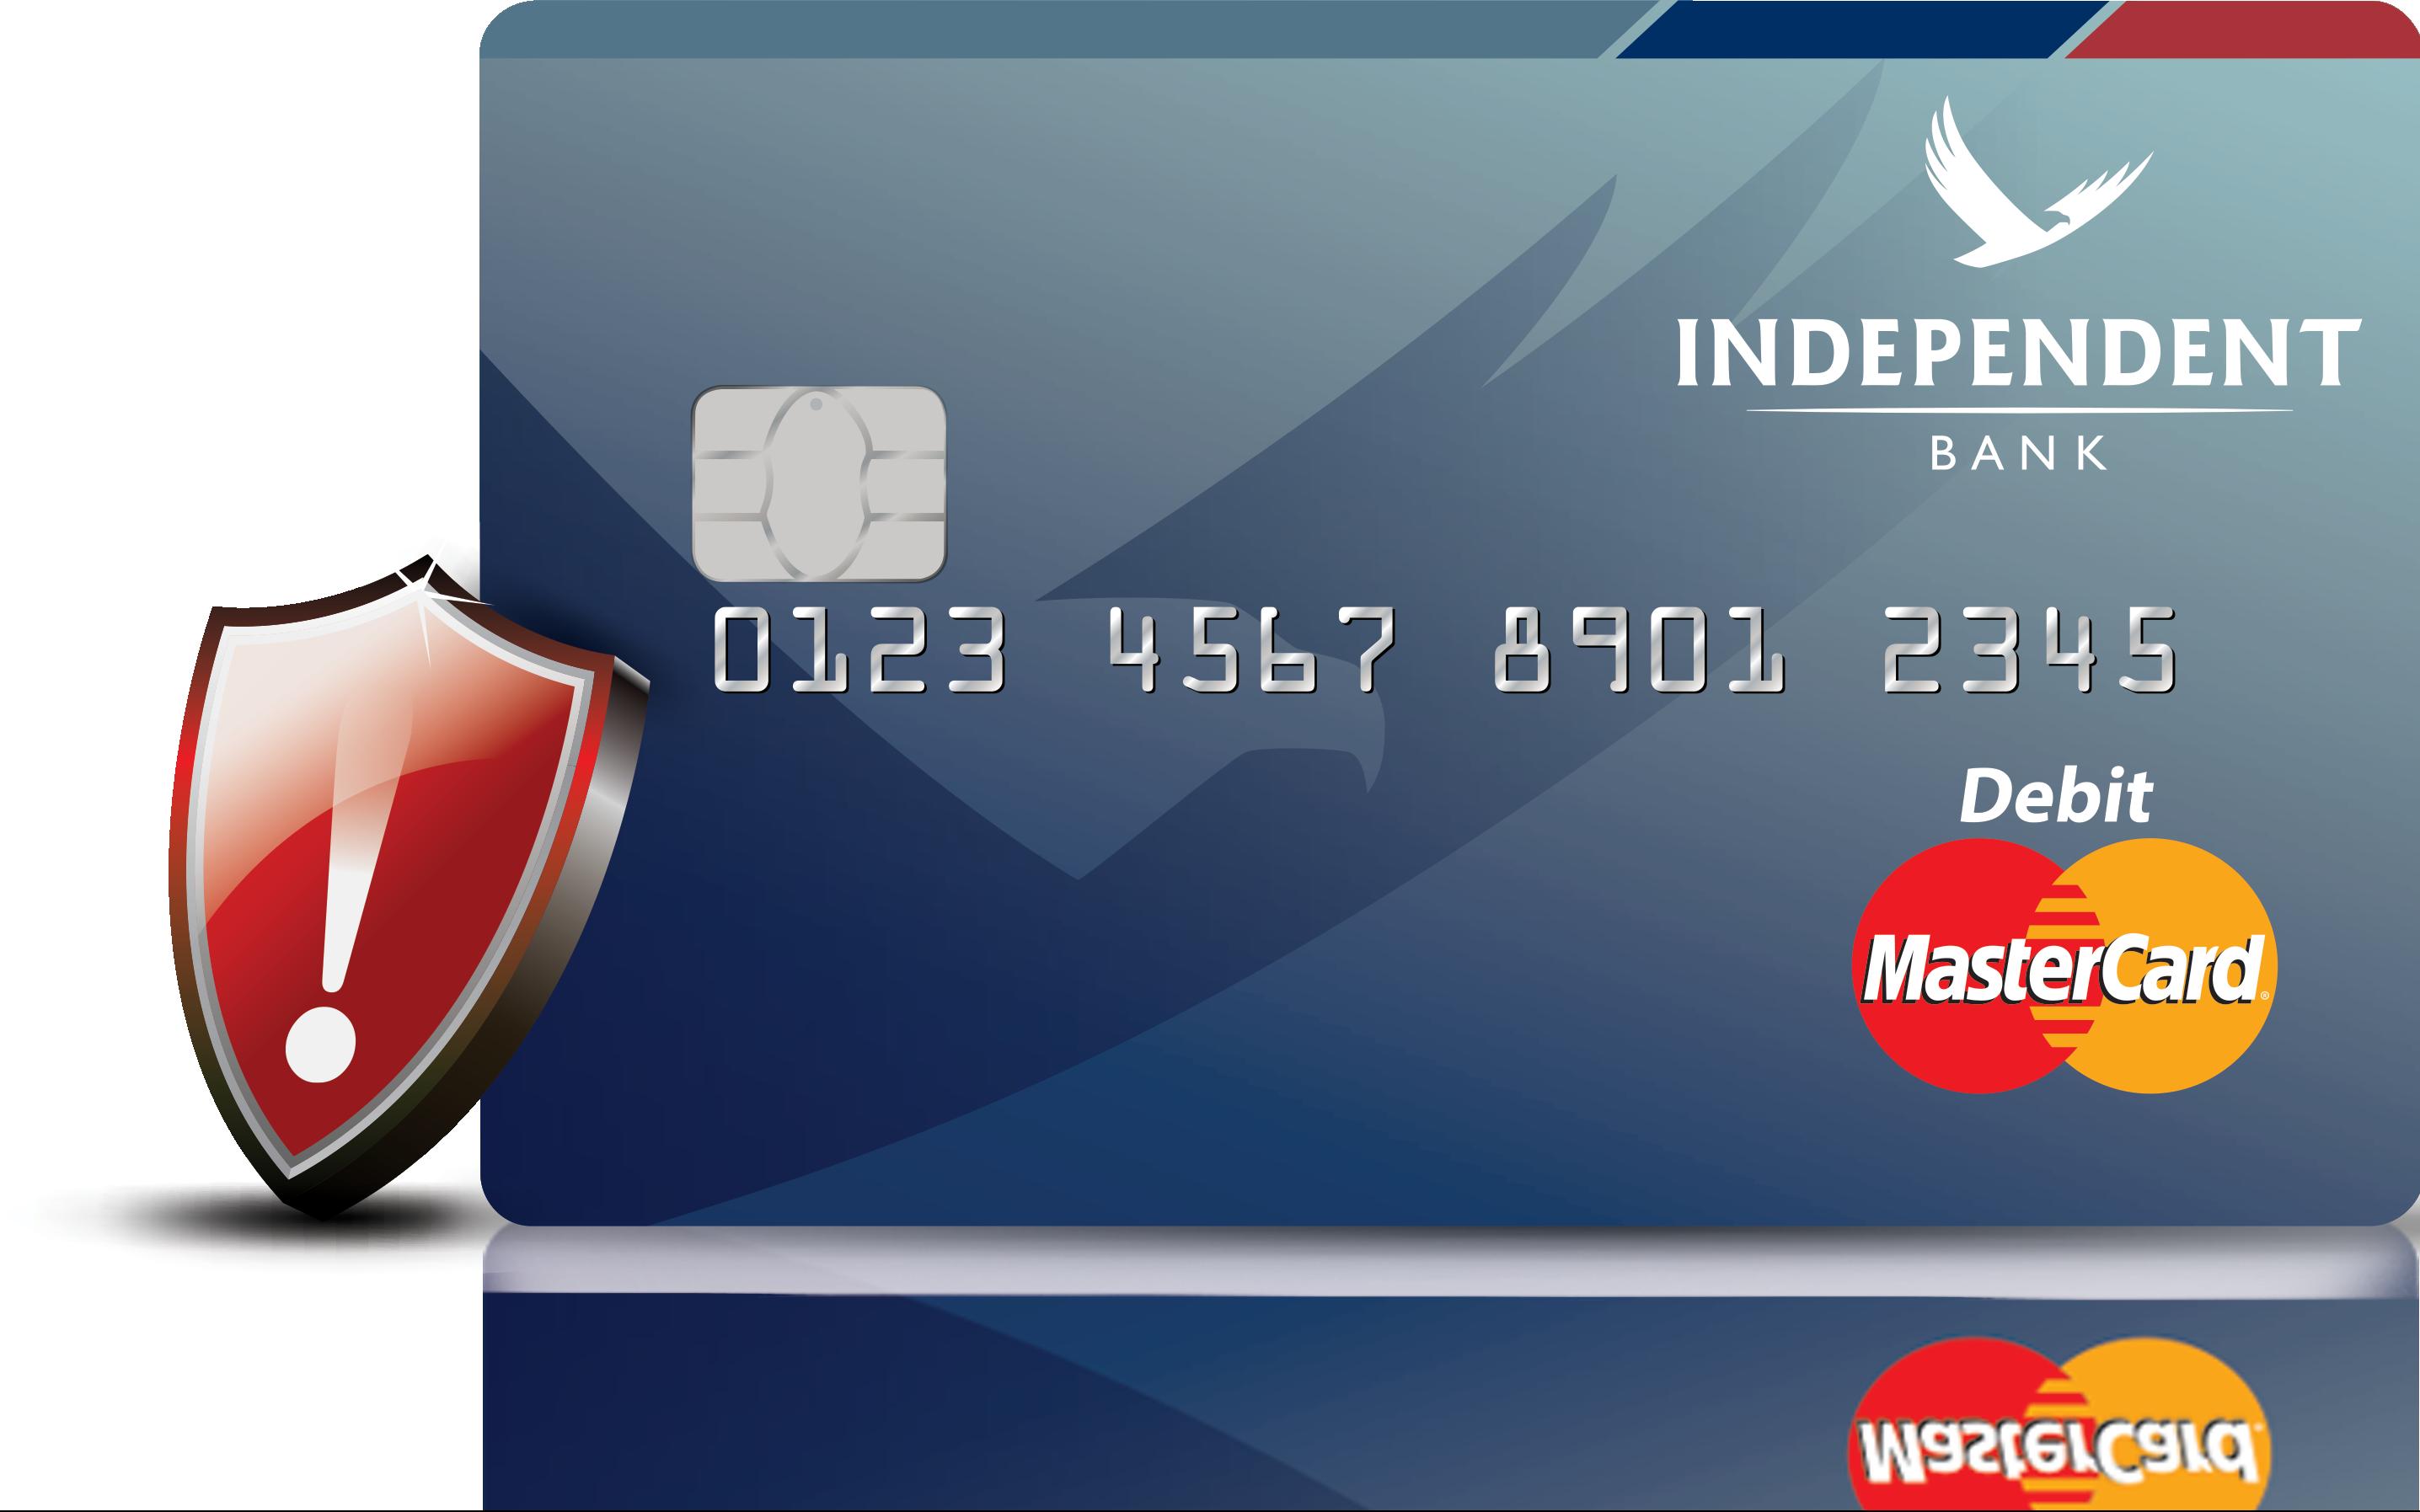 DebitCardAlerts